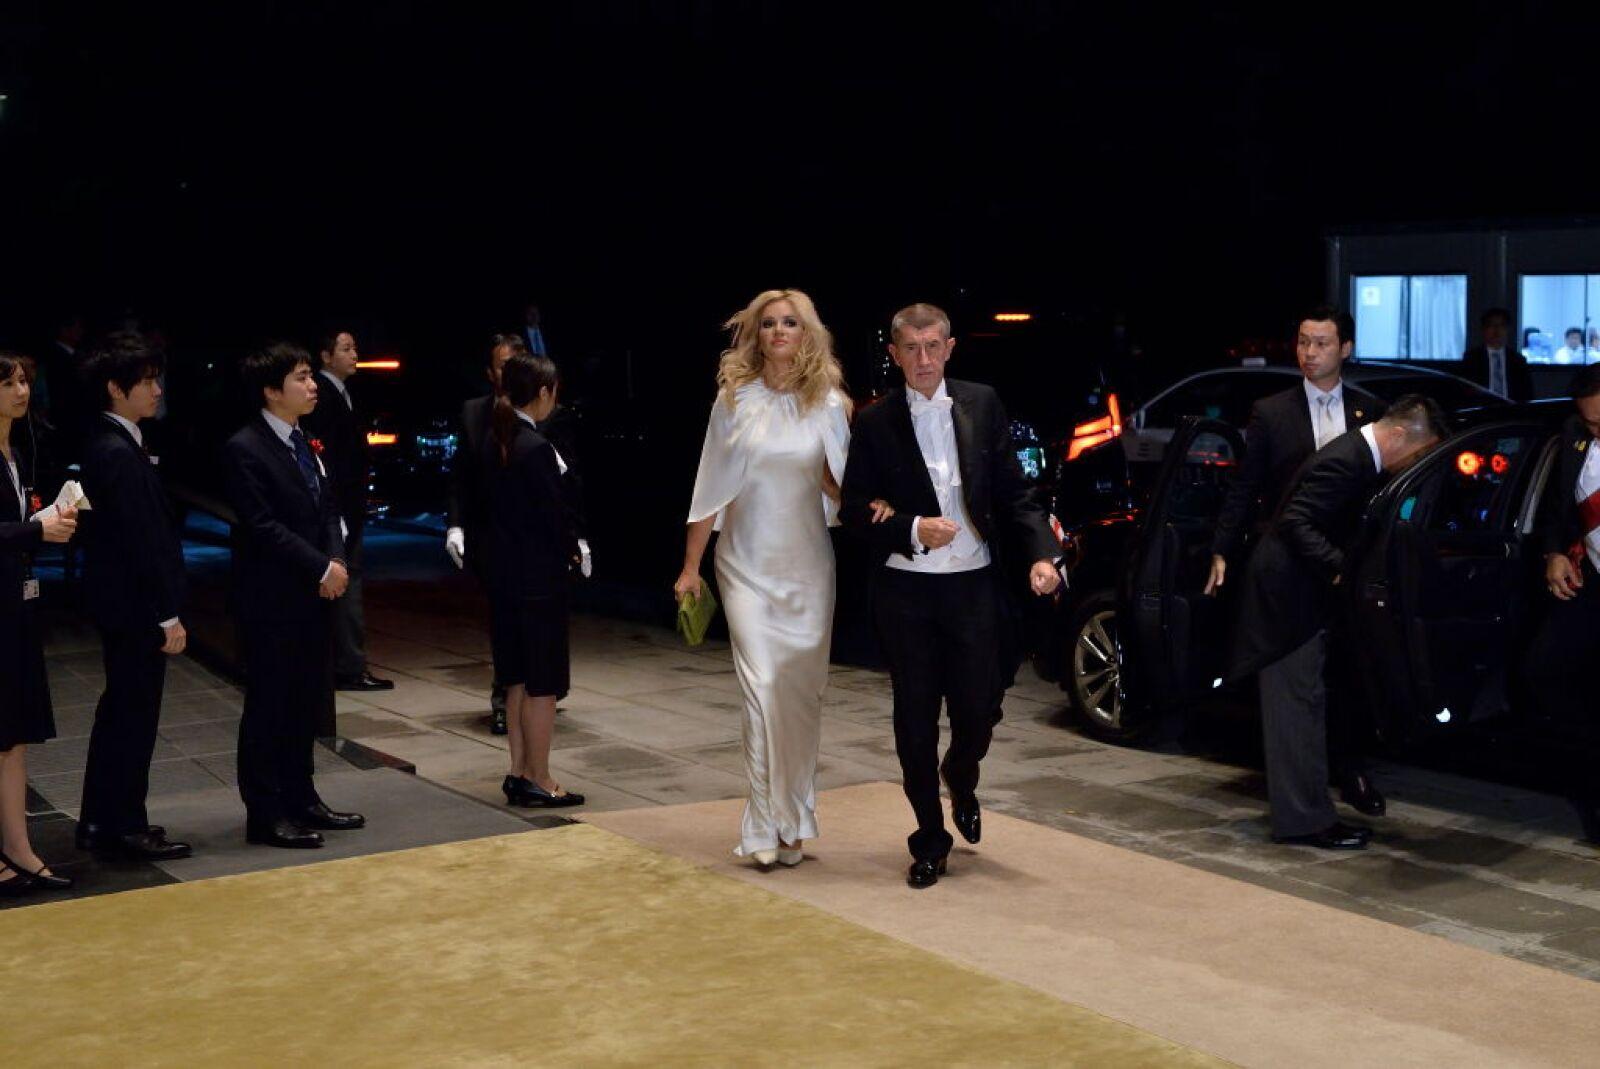 El primer ministro de la República Checa, Andrej Babis, y su esposa, Monika Babisova